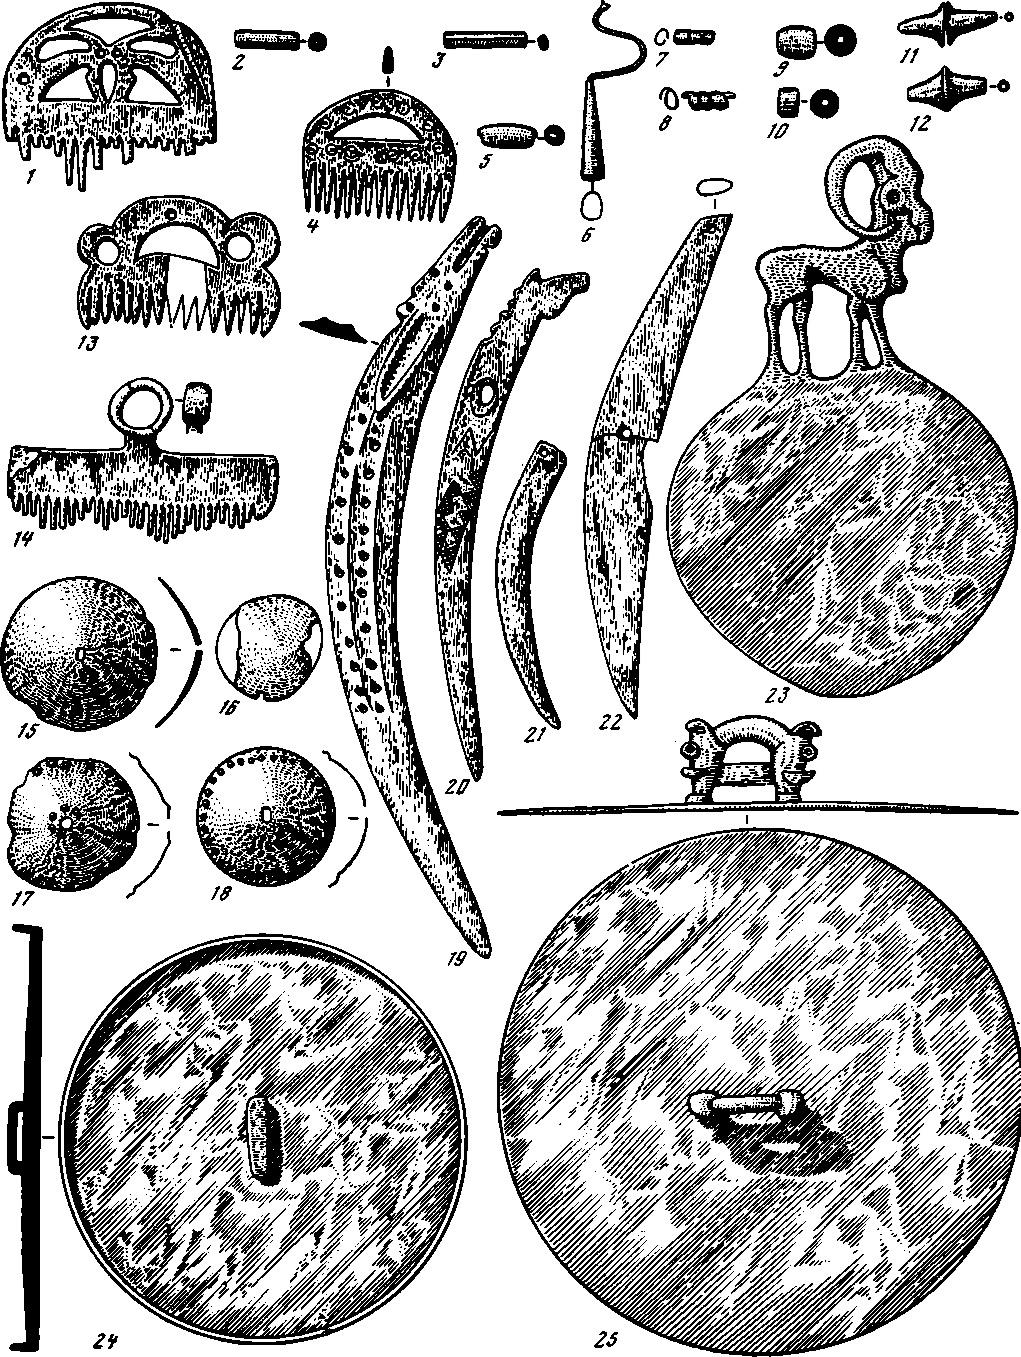 Таблица 87. Тагарская культура. Украшения и предметы туалета